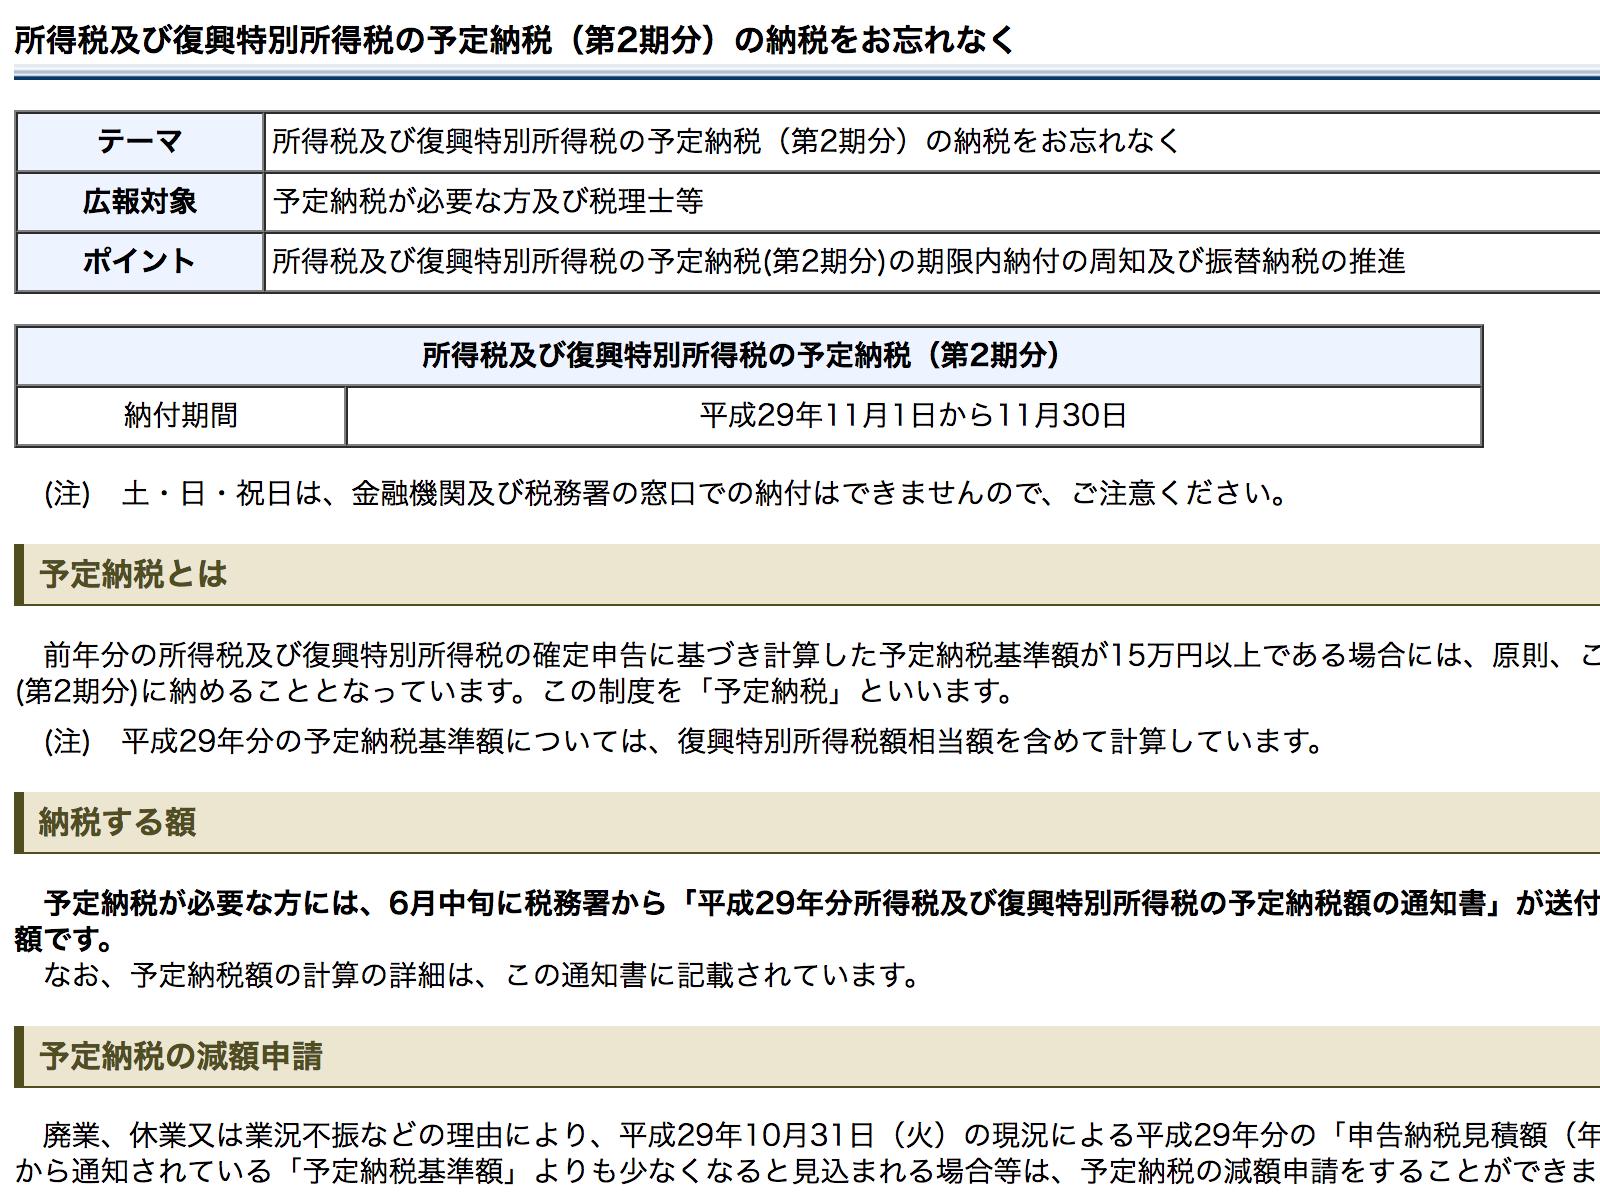 納期限は11月30日(木):所得税及び復興特別所得税の予定納税(第2期分)